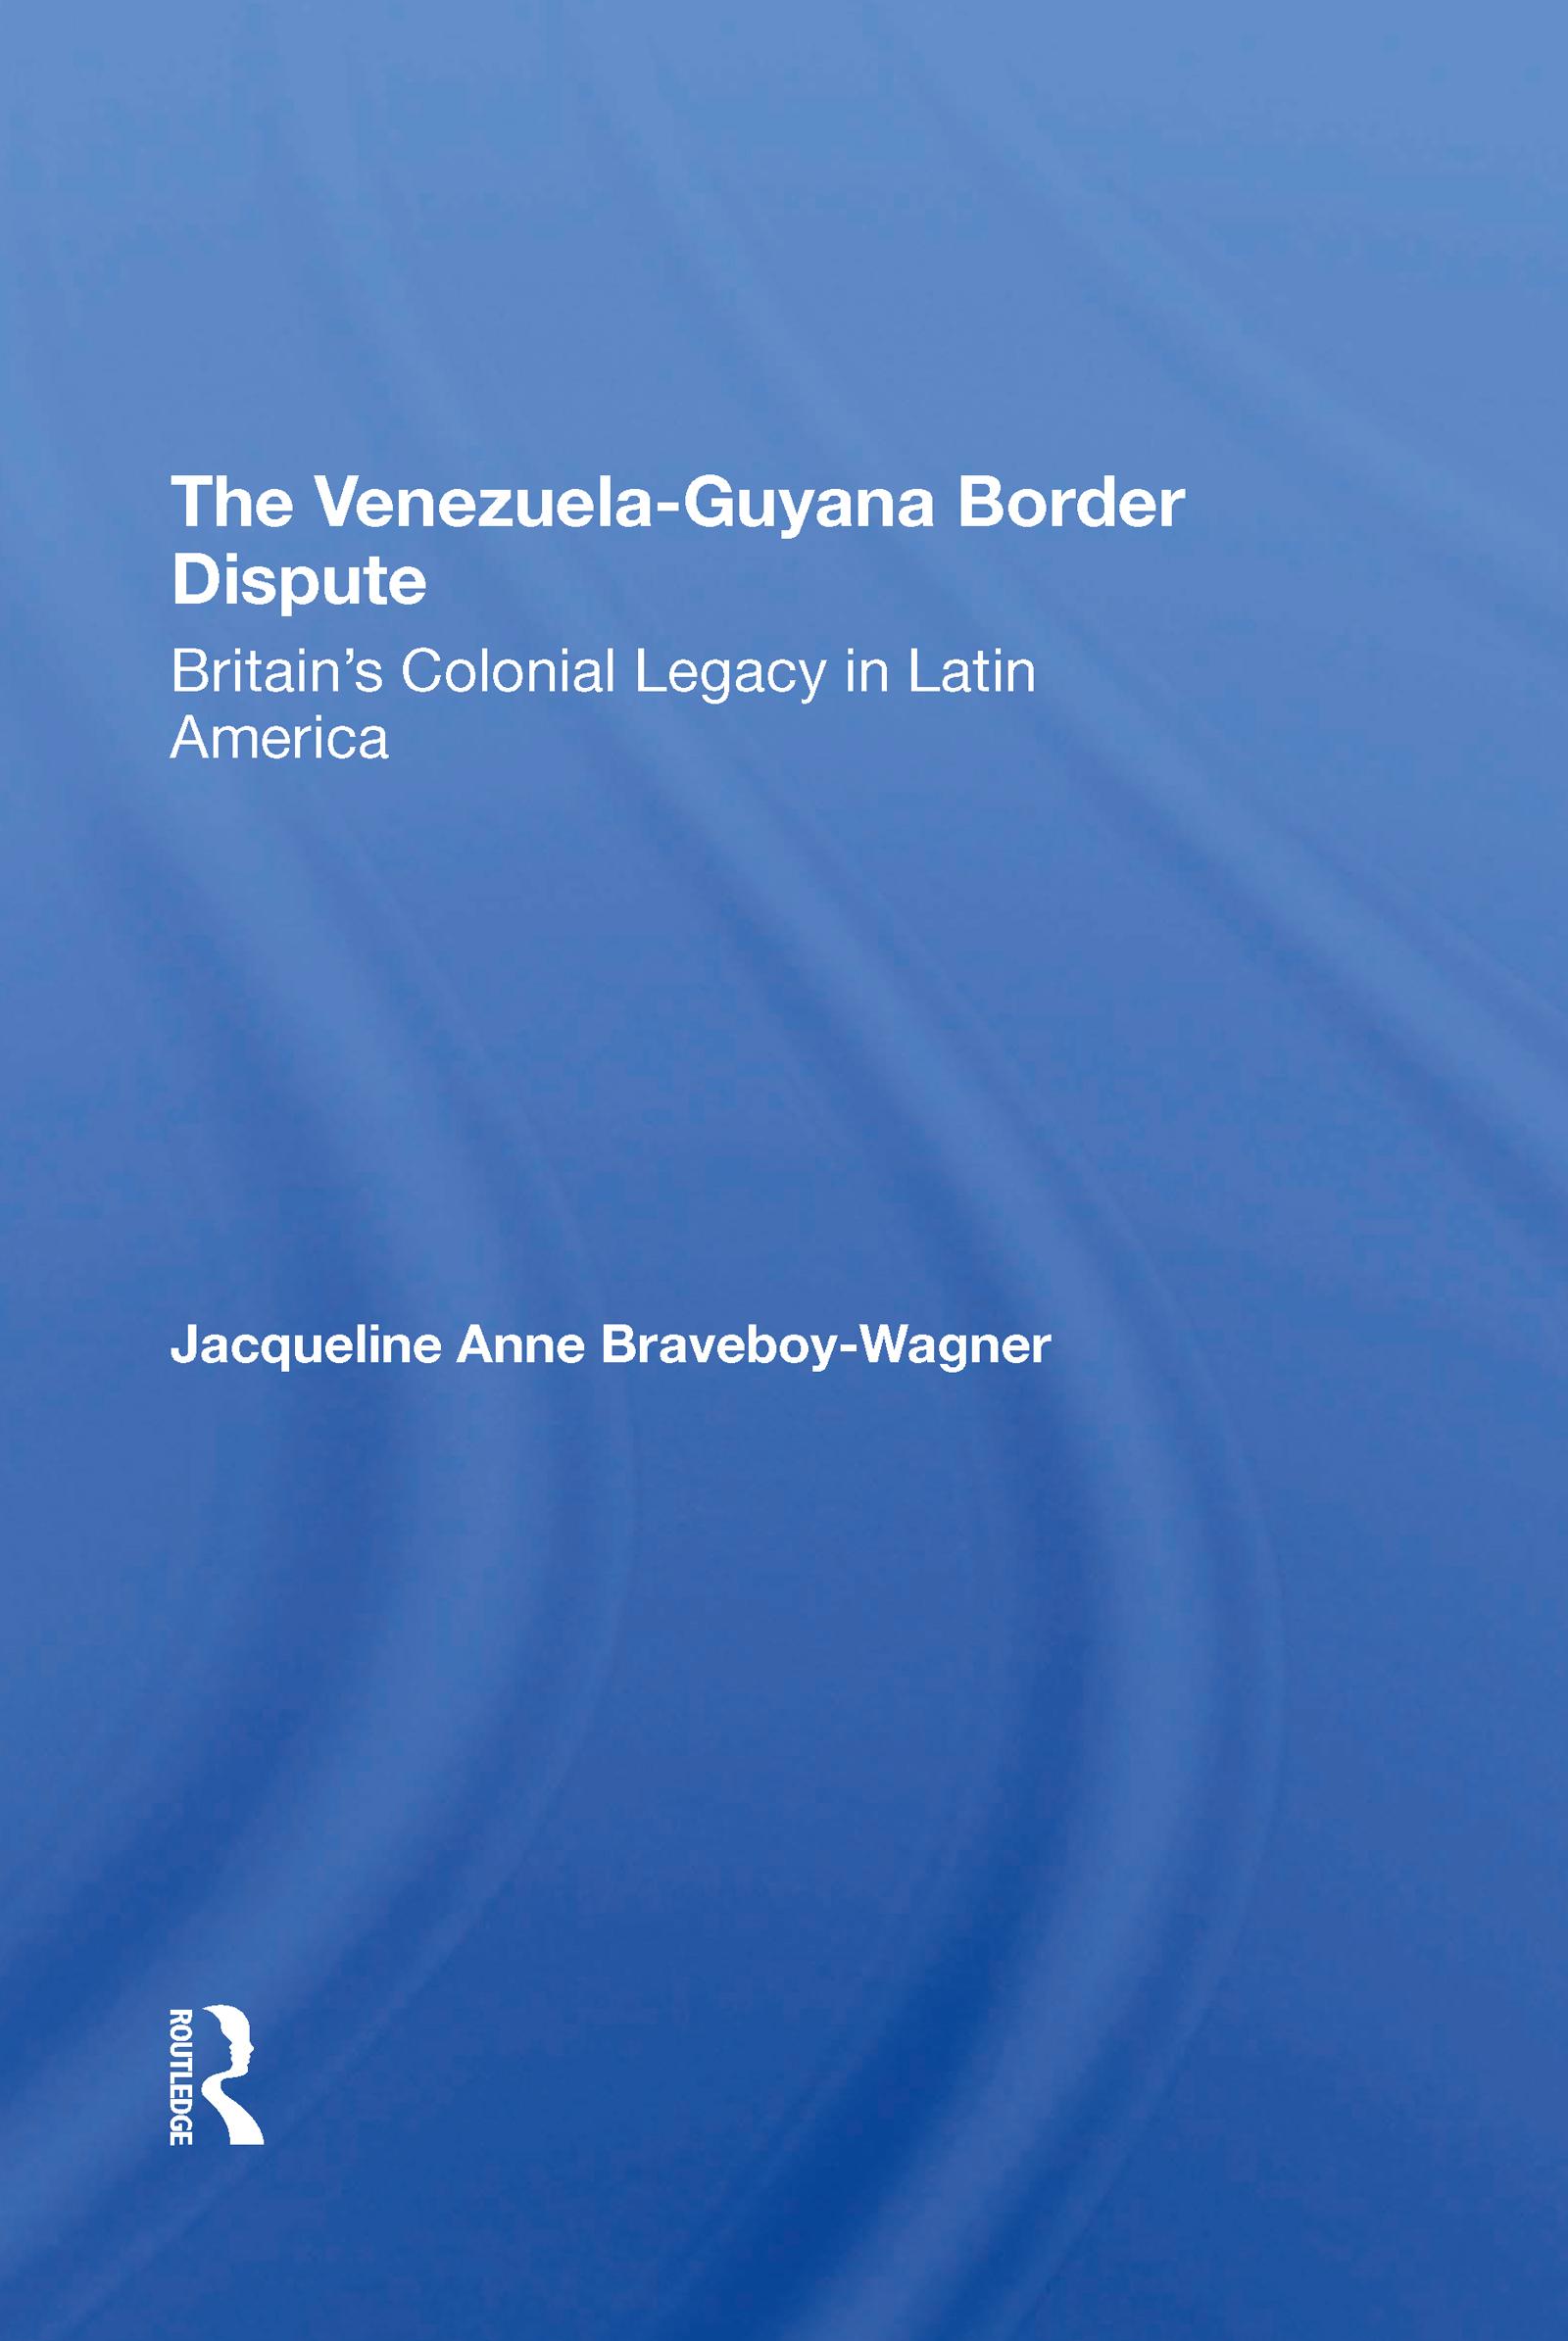 The Venezuela-Guyana Border Dispute